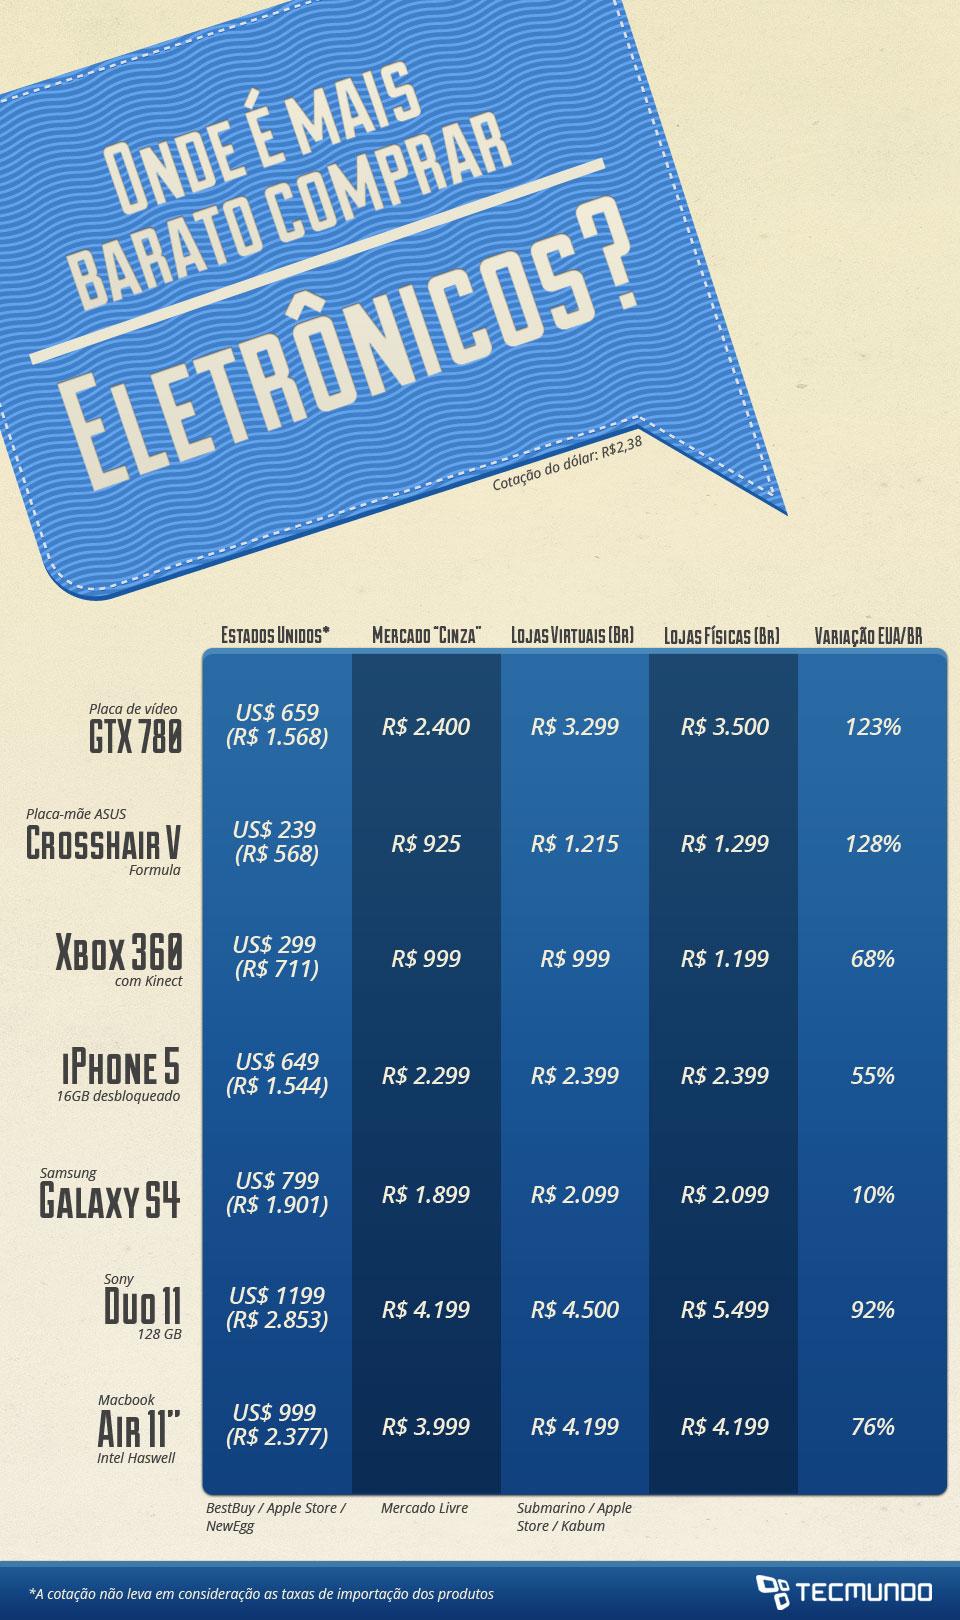 Onde é mais barato comprar eletrônicos? [tabela]